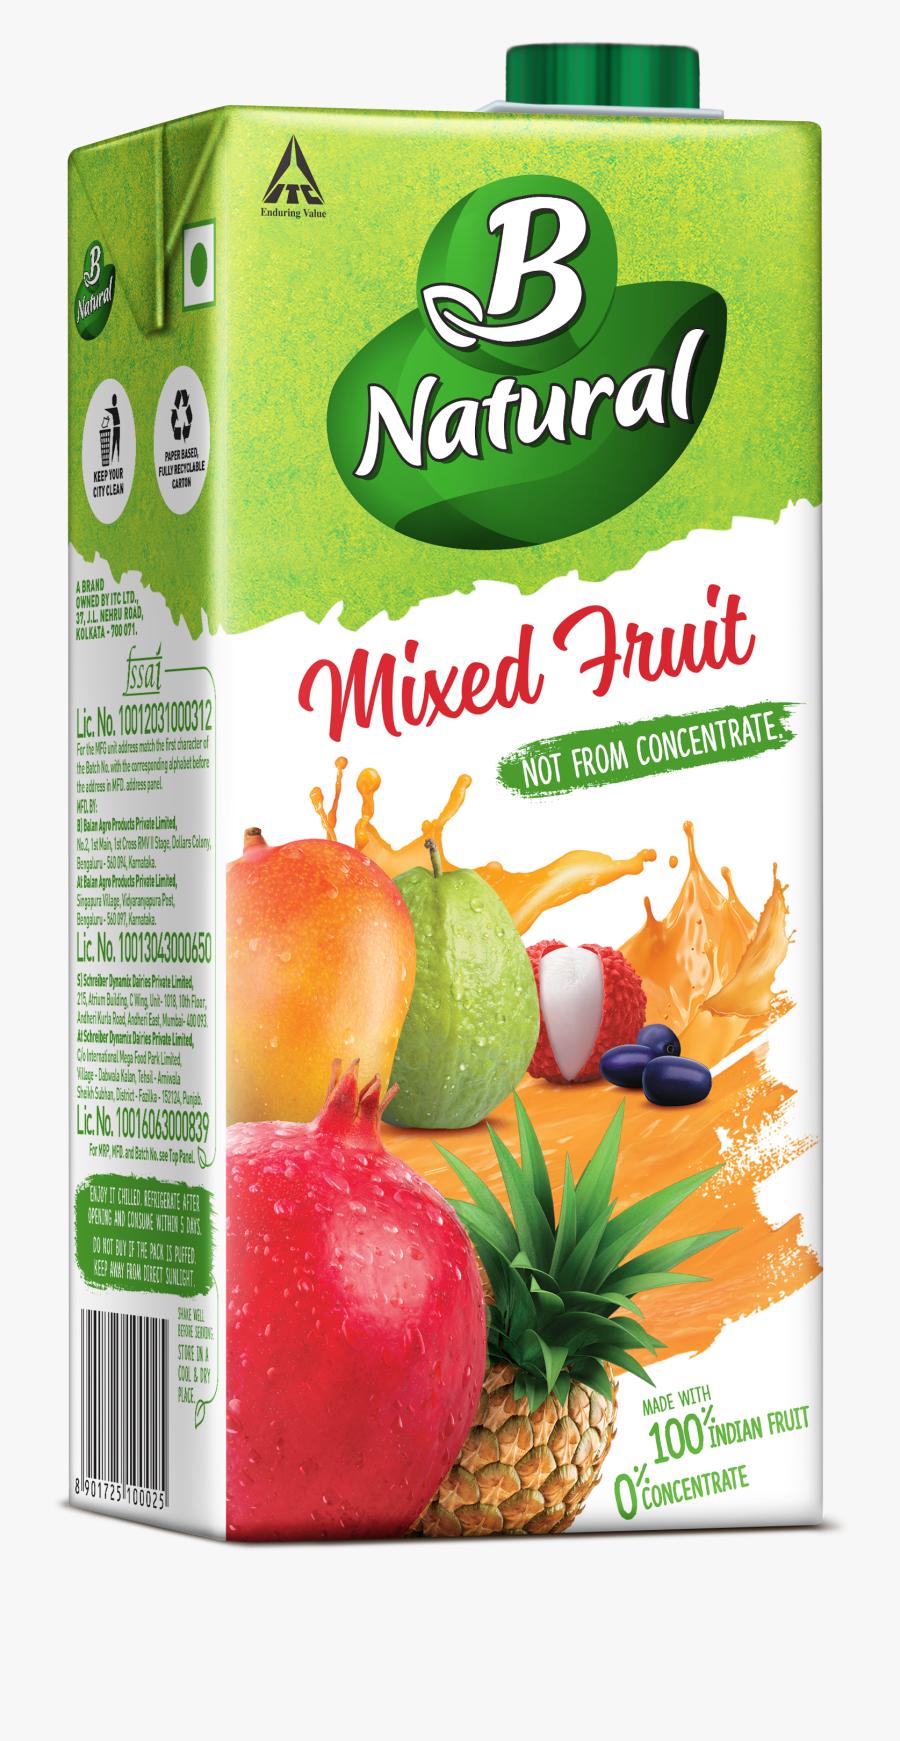 B Natural Fruit Juice, Transparent Clipart